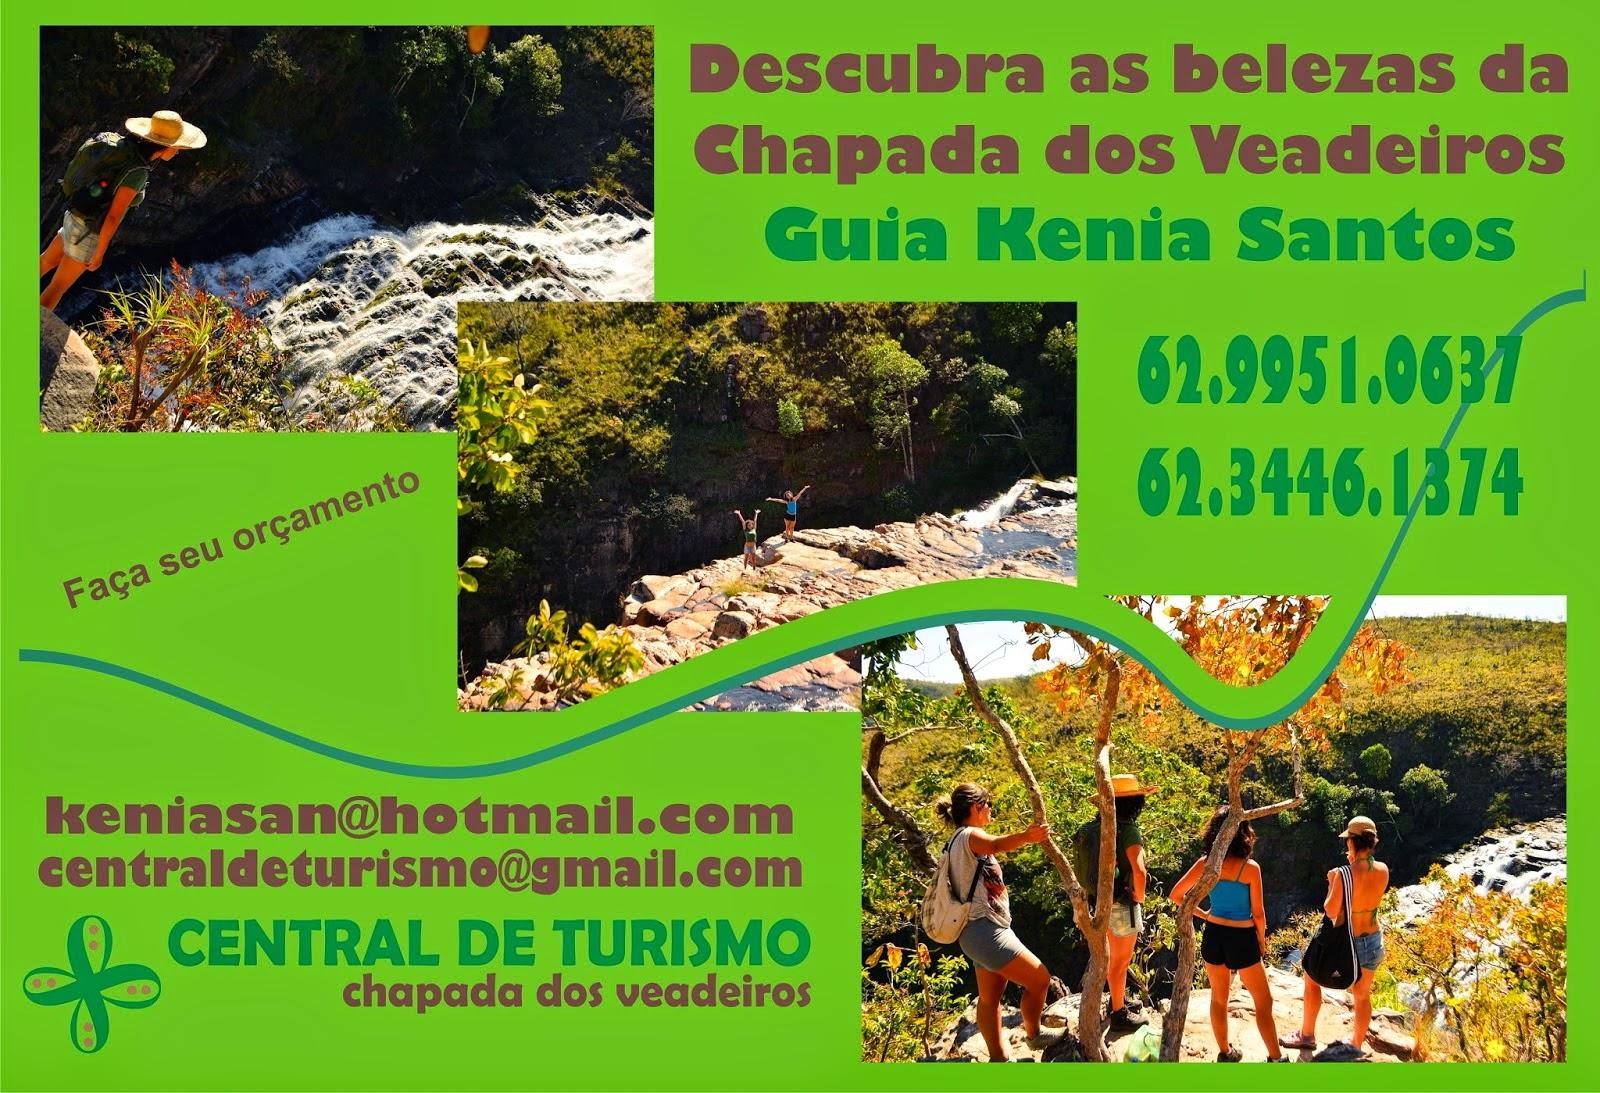 Guia de Turismo - Kenia Santos